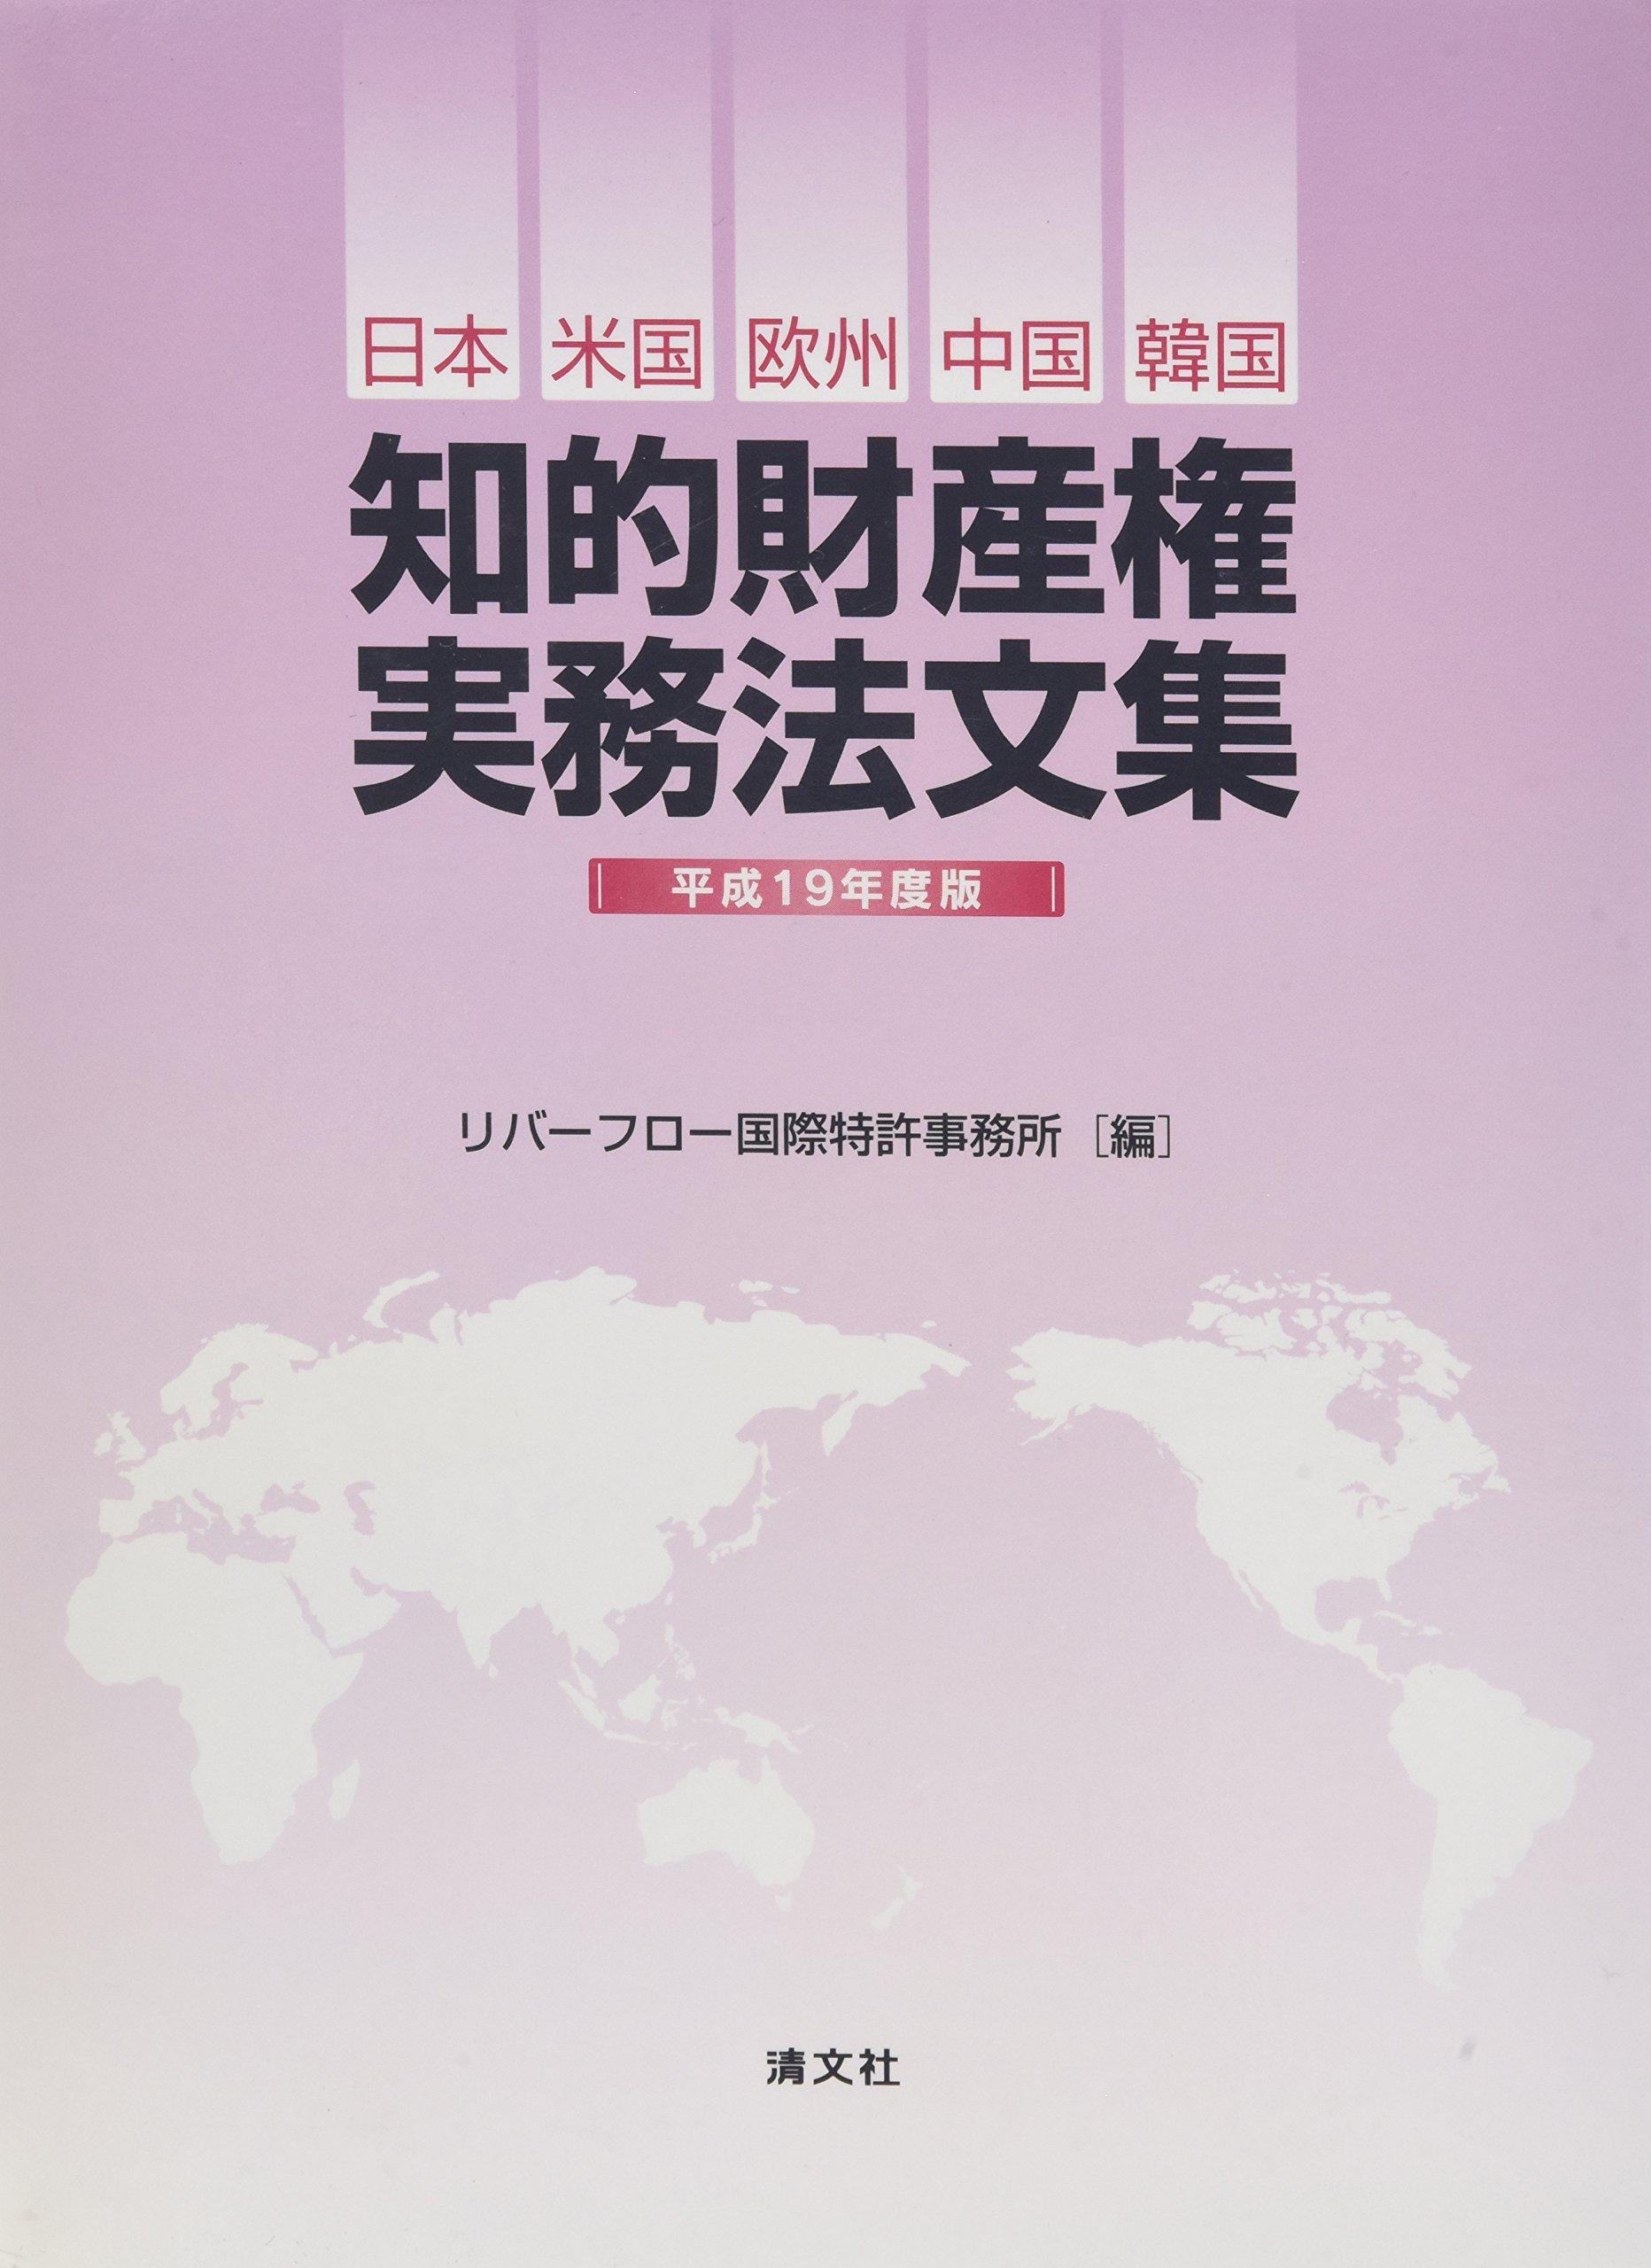 Download Chiteki zaisanken jitsumu hōbunshū : Nihon beikoku ōshū chūgoku kankoku. heisei 19nendoban. ebook